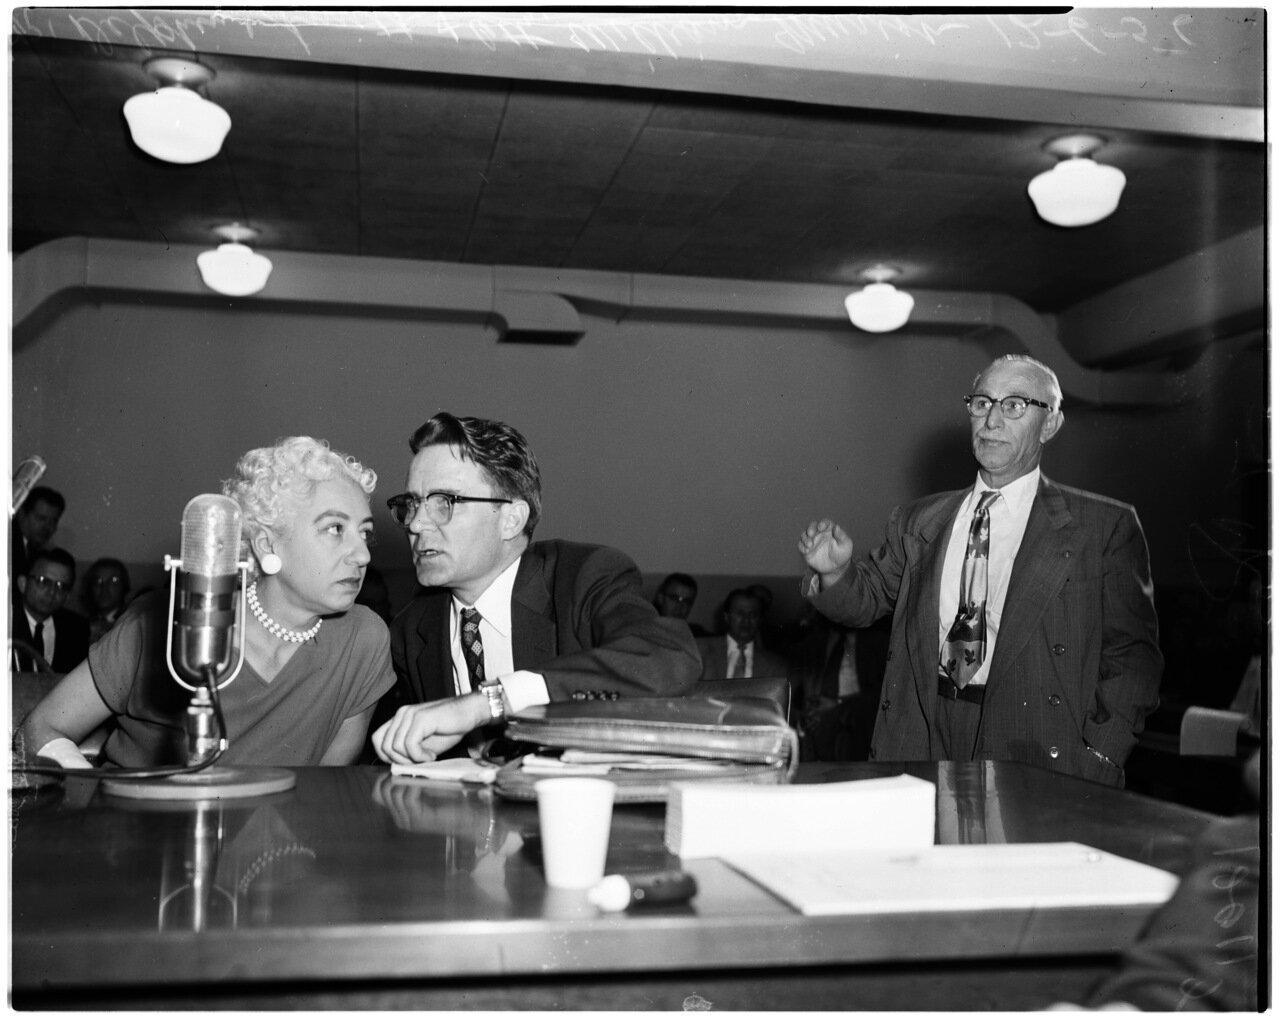 1956. 6 декабря. Комиссия по расследованию антиамериканской деятельности. Дельфина Смит, адвокат Мюриш, Стивен Уорд